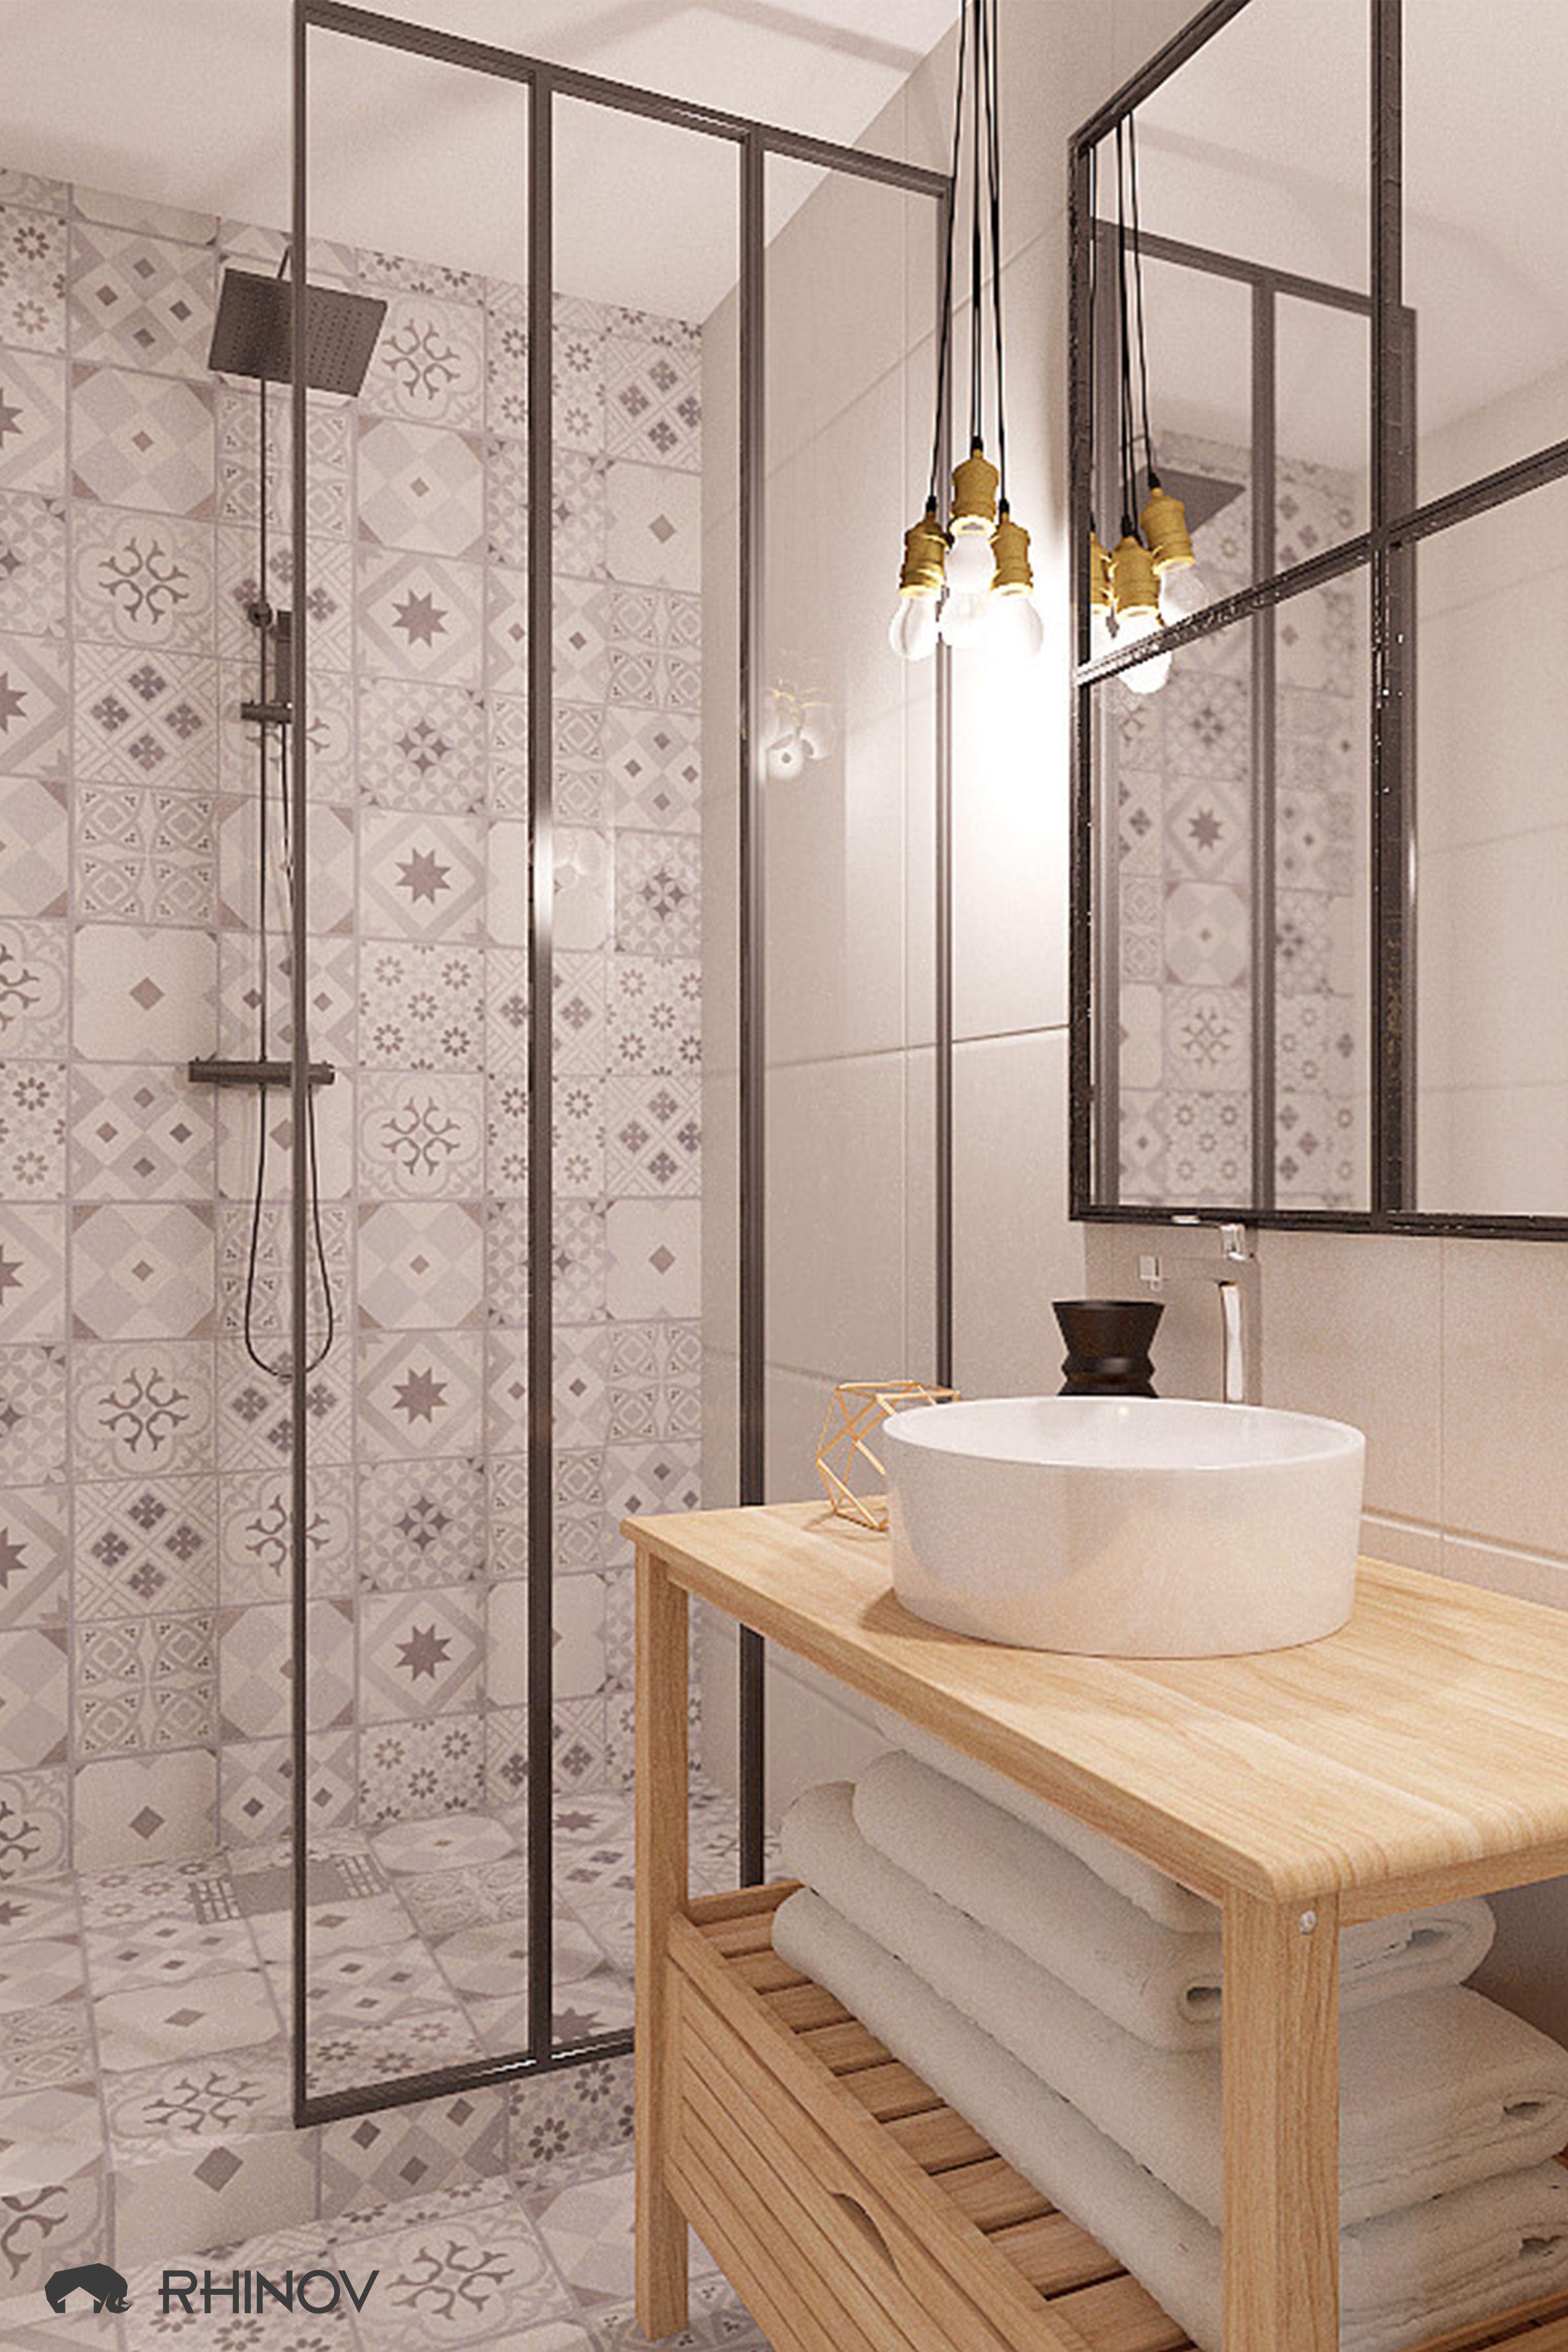 carreaux de ciment salle de bain idee